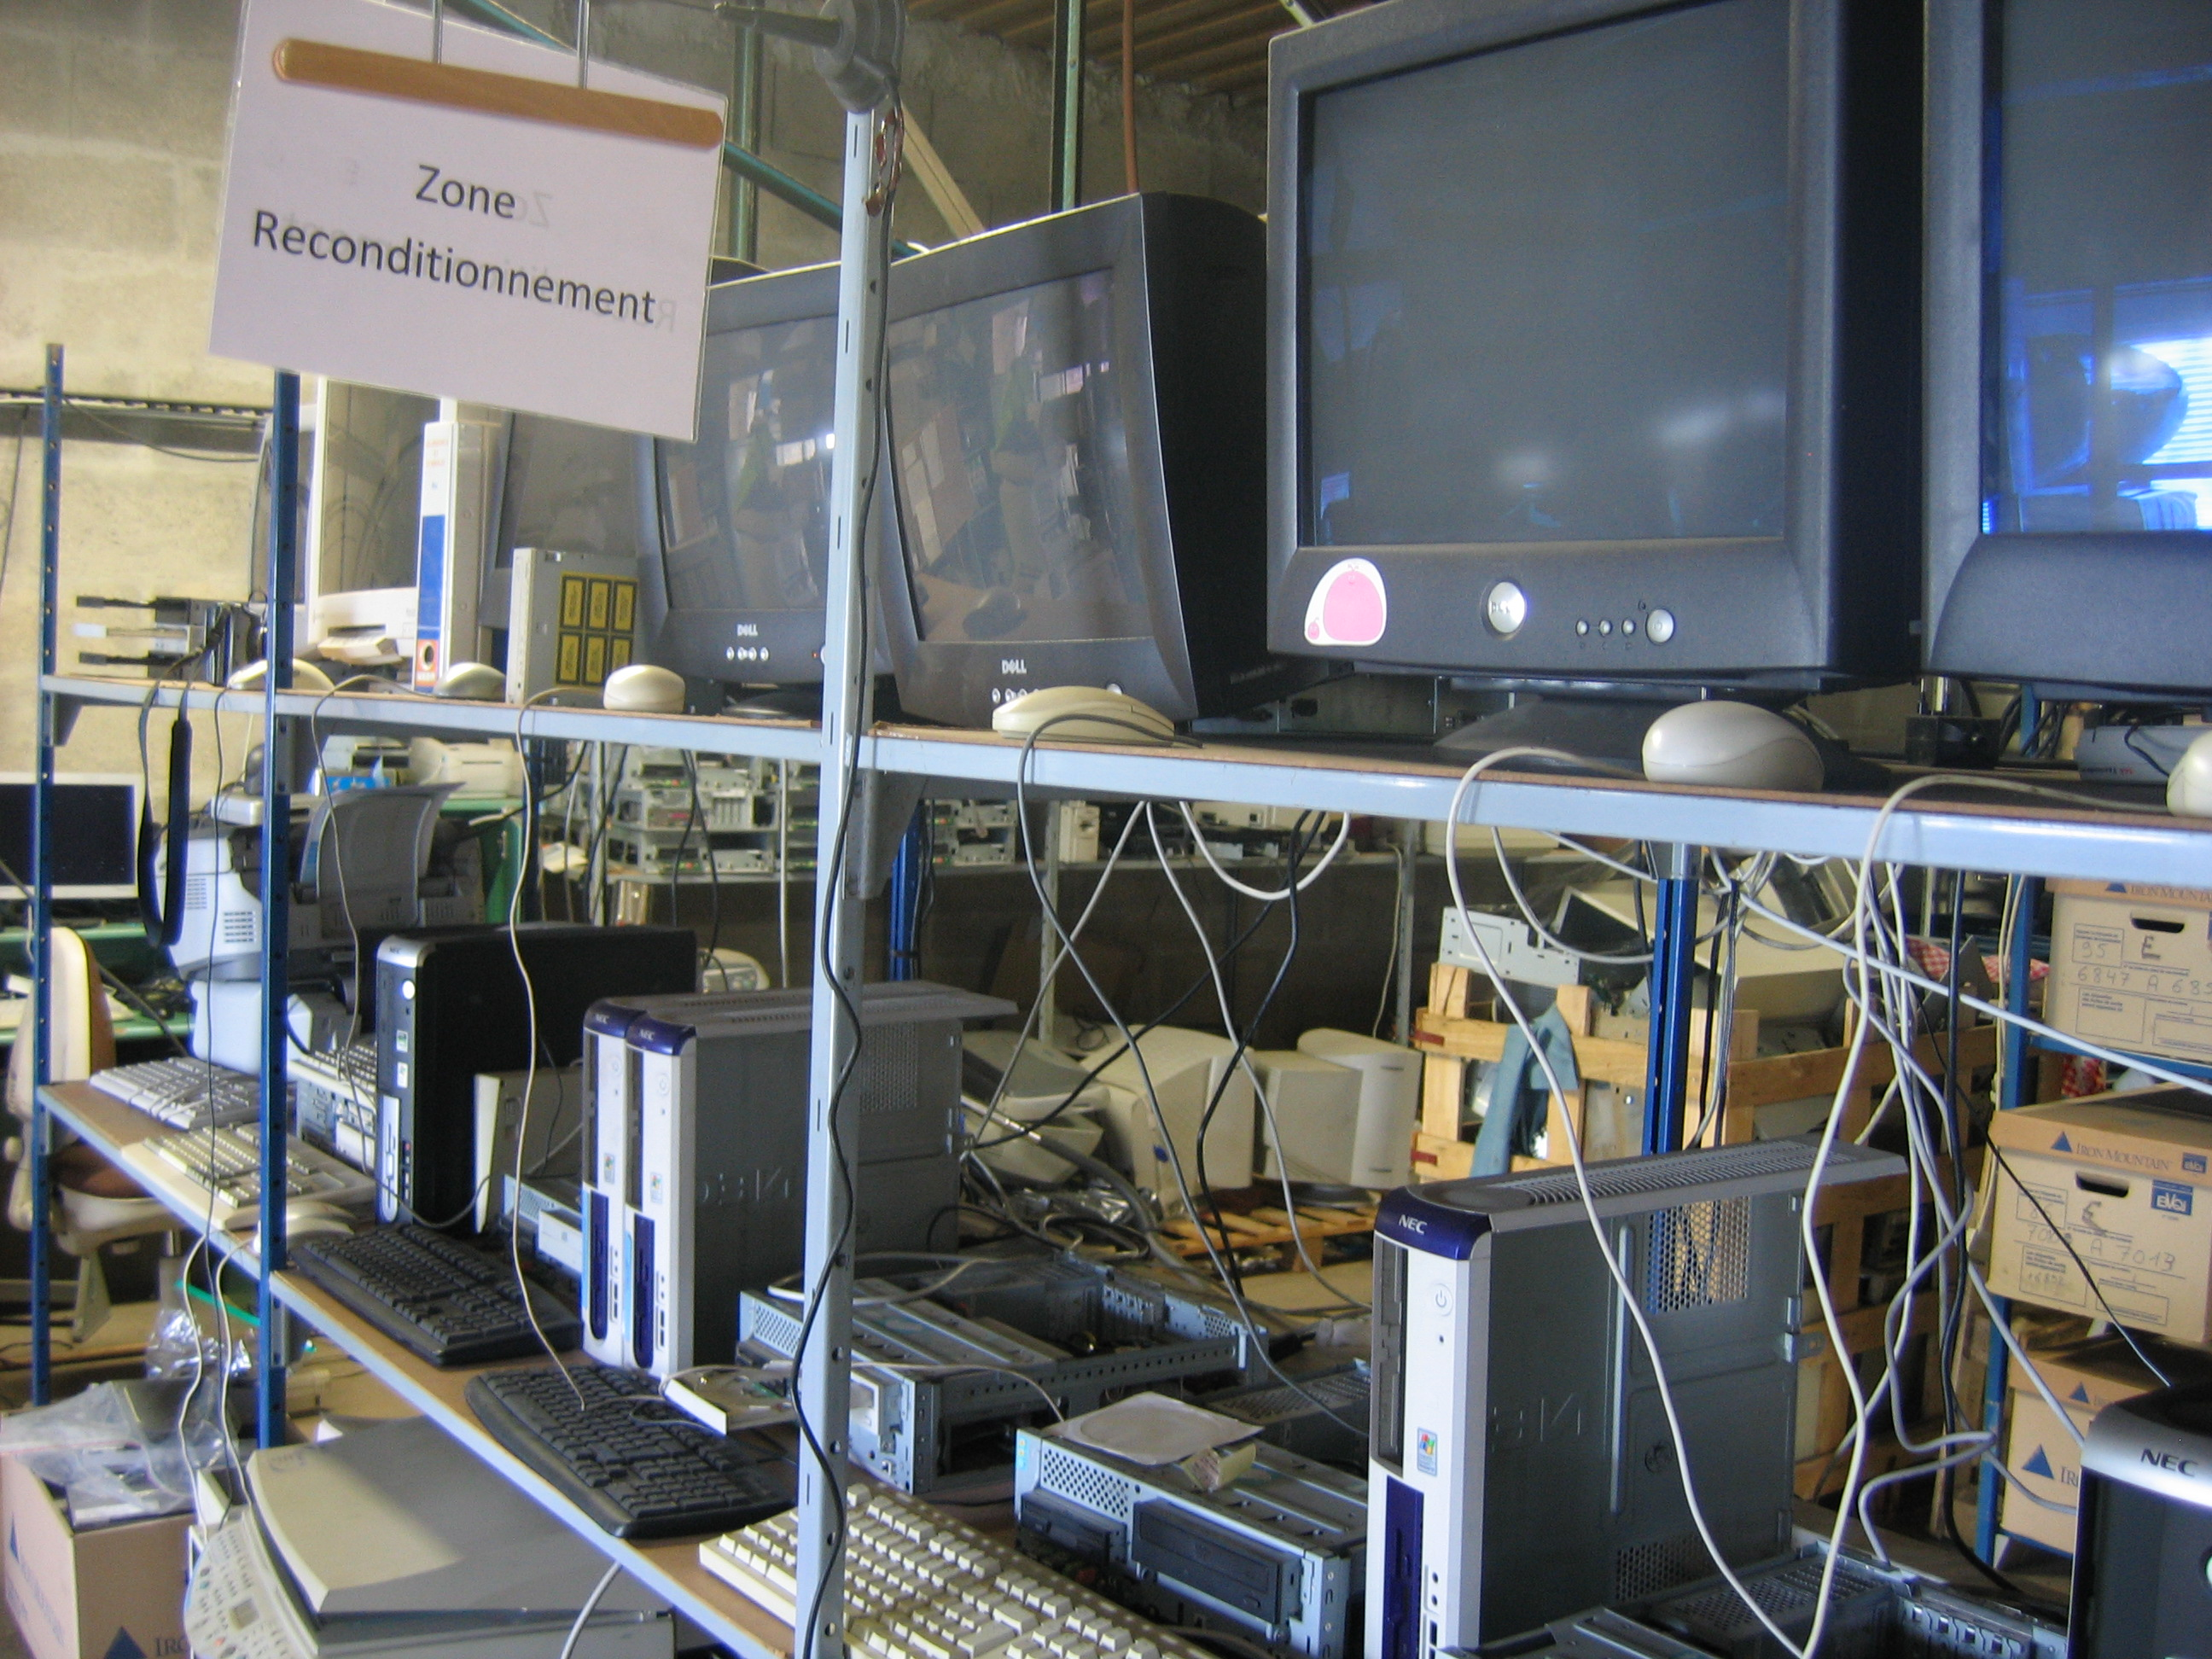 Les ordinateurs reconditionnés ont-ils vraiment la côte ?